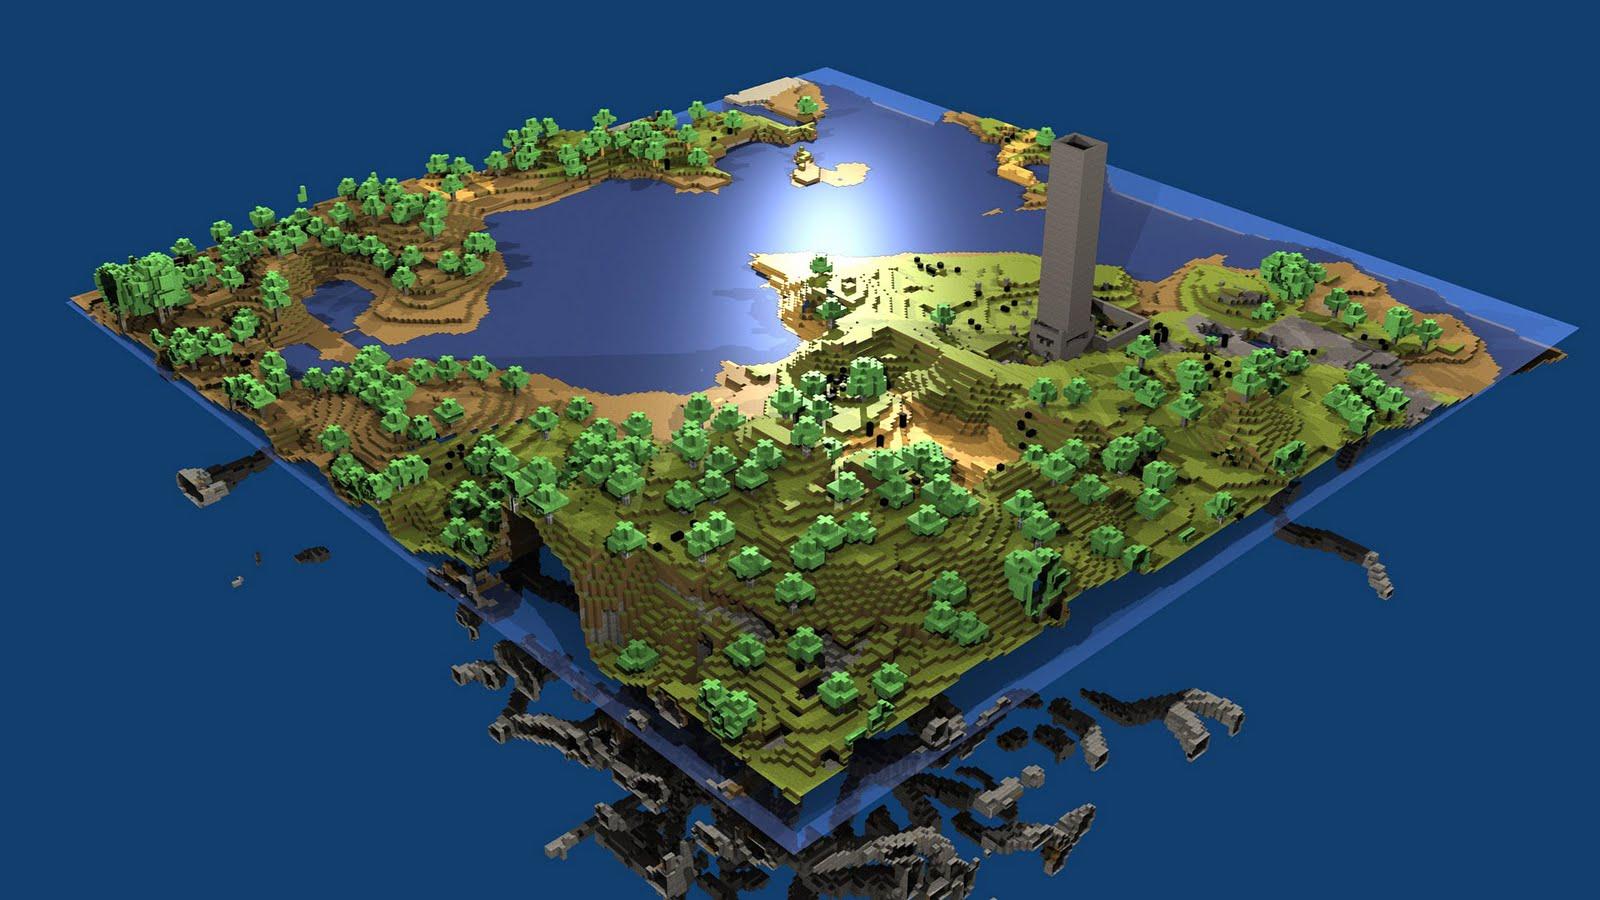 http://3.bp.blogspot.com/-CEV60OkMlQA/Tq017_GgnrI/AAAAAAAAFiM/lwyqQFG9AuE/s1600/minecraftworld.jpeg